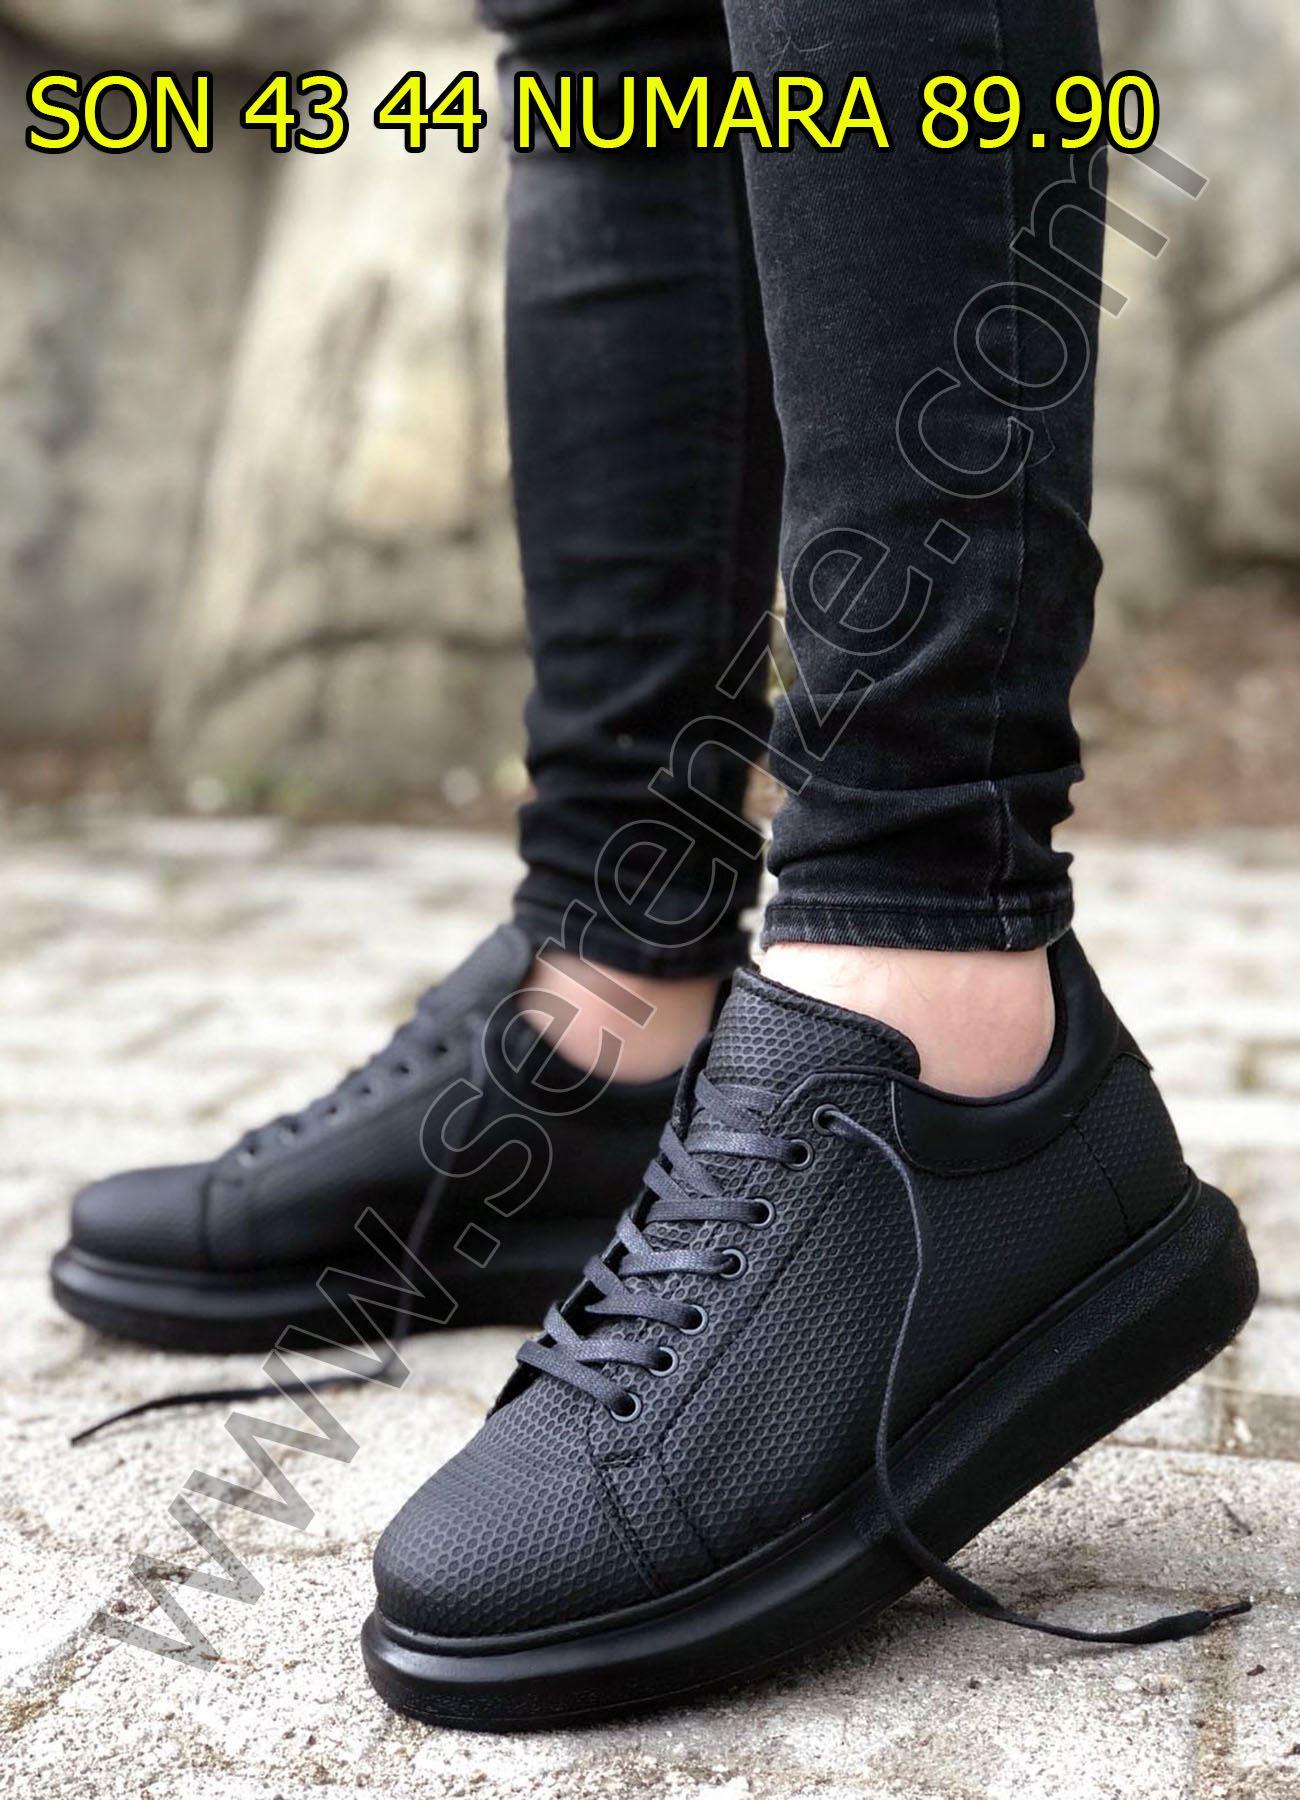 Siyah Petek Doku Erkek Spor Ayakkabı